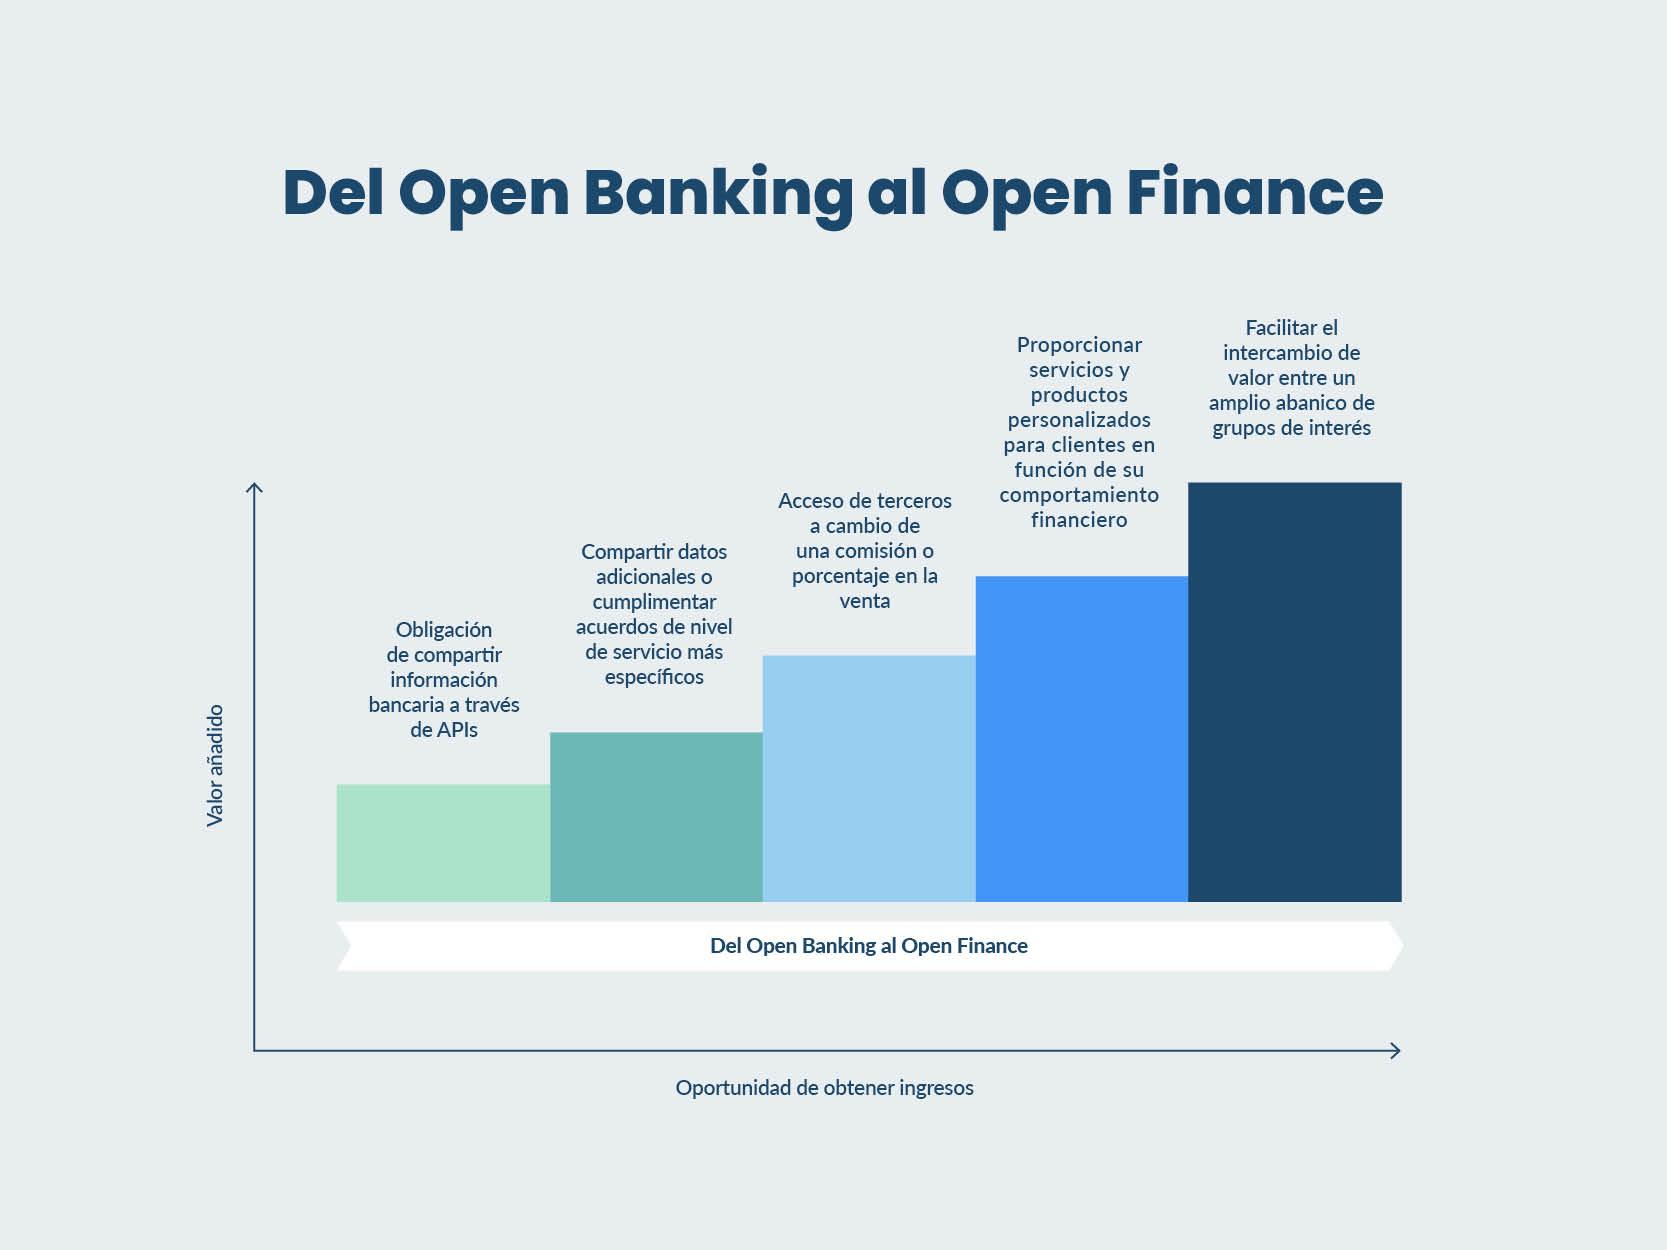 Del Open Banking al Open Finance